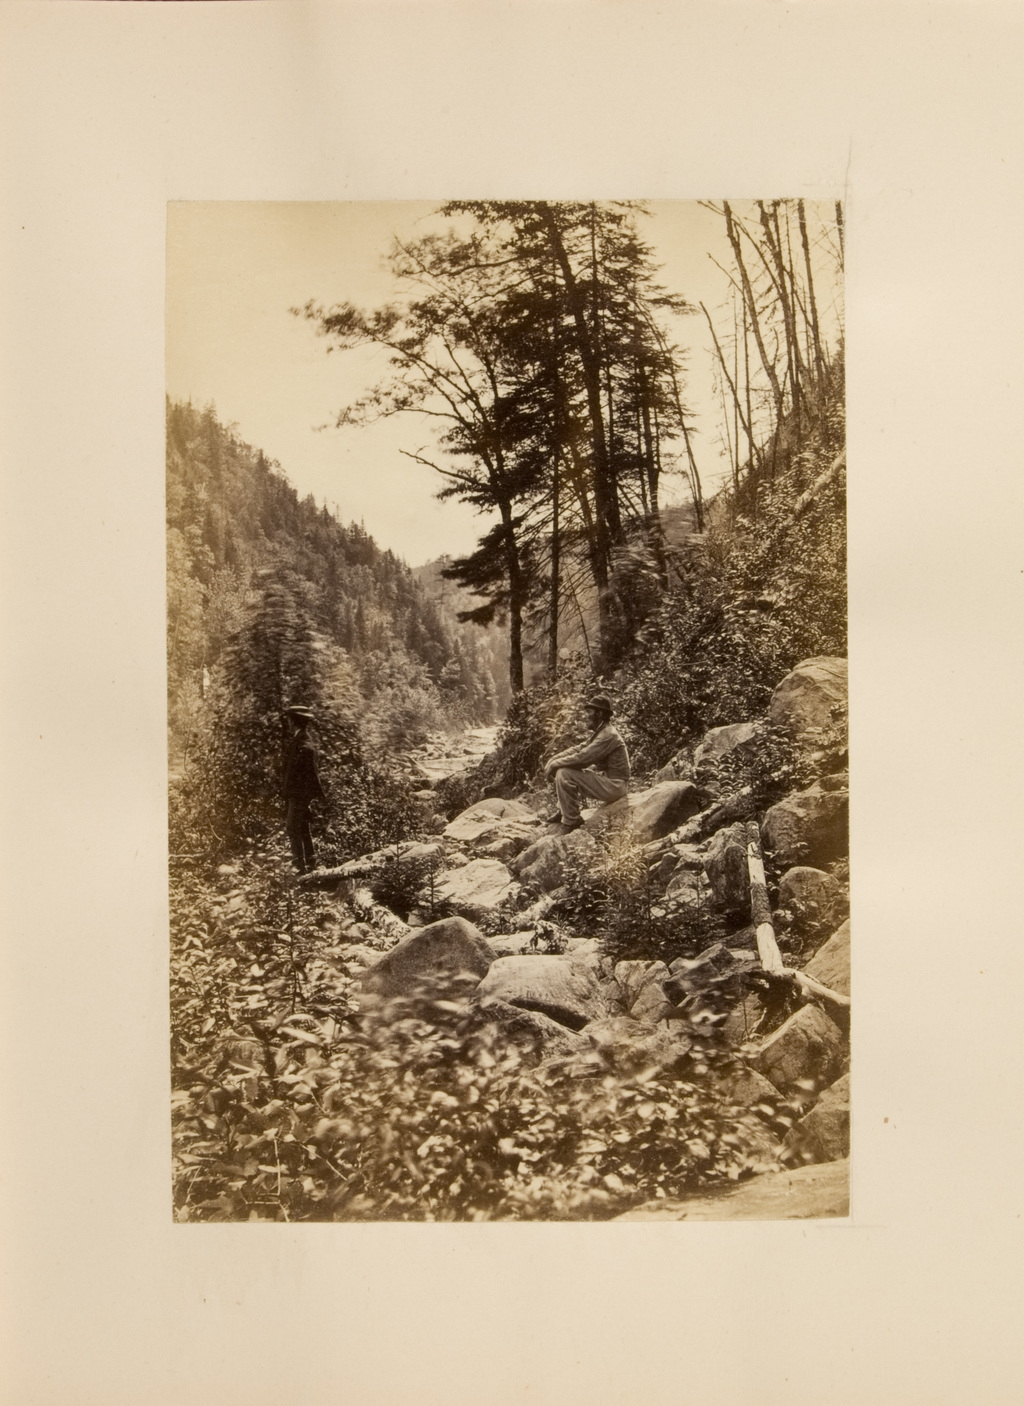 Un ravin en direction des Sept Chutes, Saint-Ferréol, de l'album SCRAPS